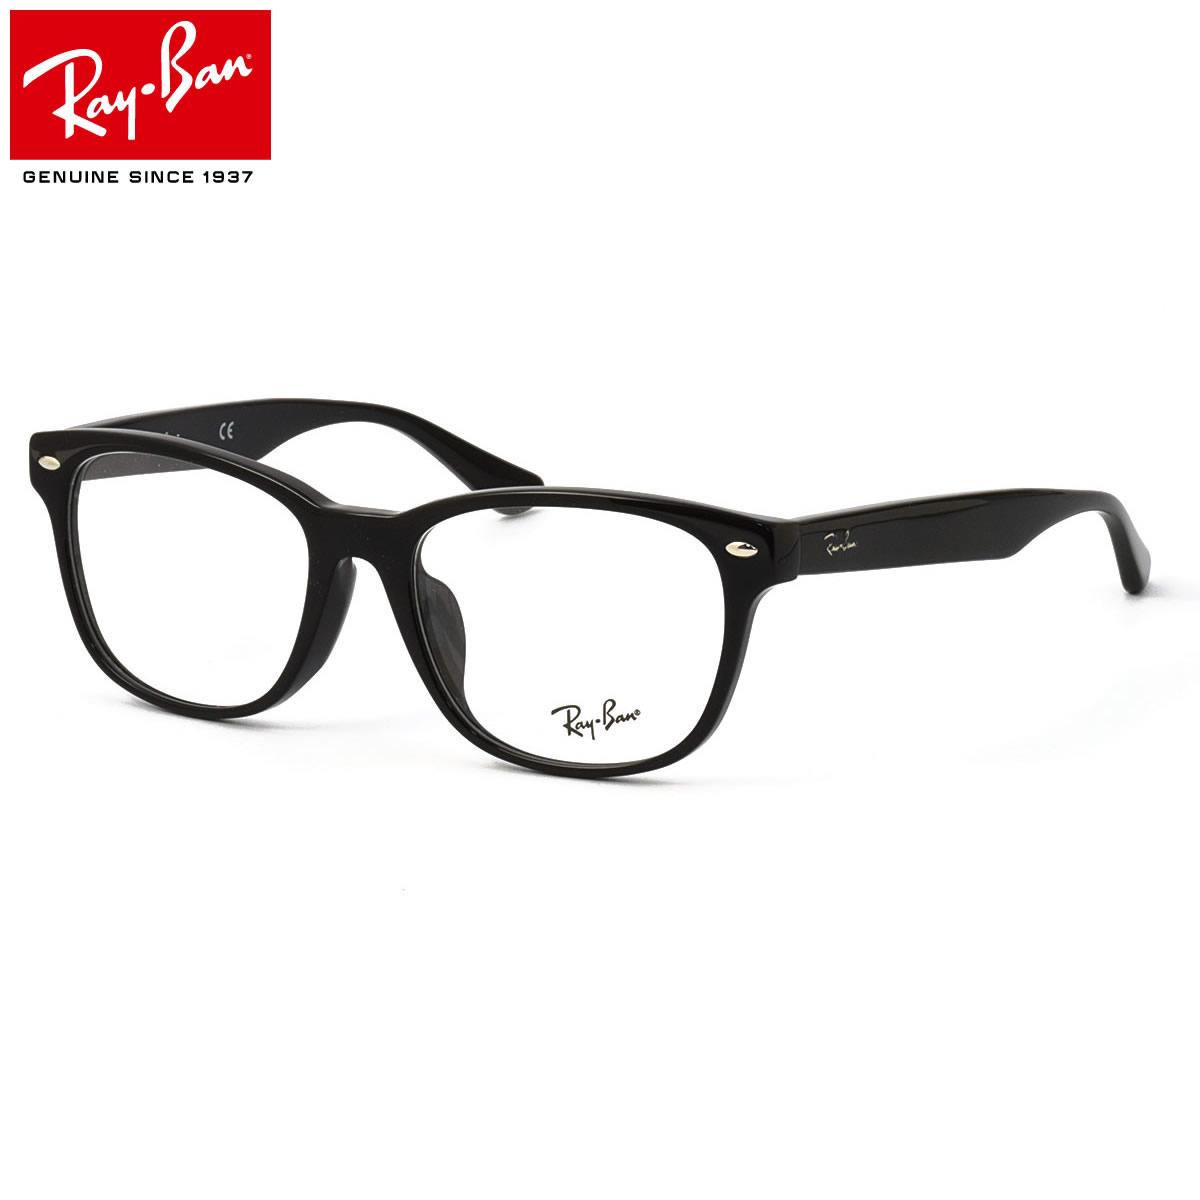 【10月30日からエントリーで全品ポイント20倍】Ray-Ban レイバン メガネRX5359F 2000 55サイズHIGH STREET フルフィット ハイストリートレイバン RayBan メンズ レディース